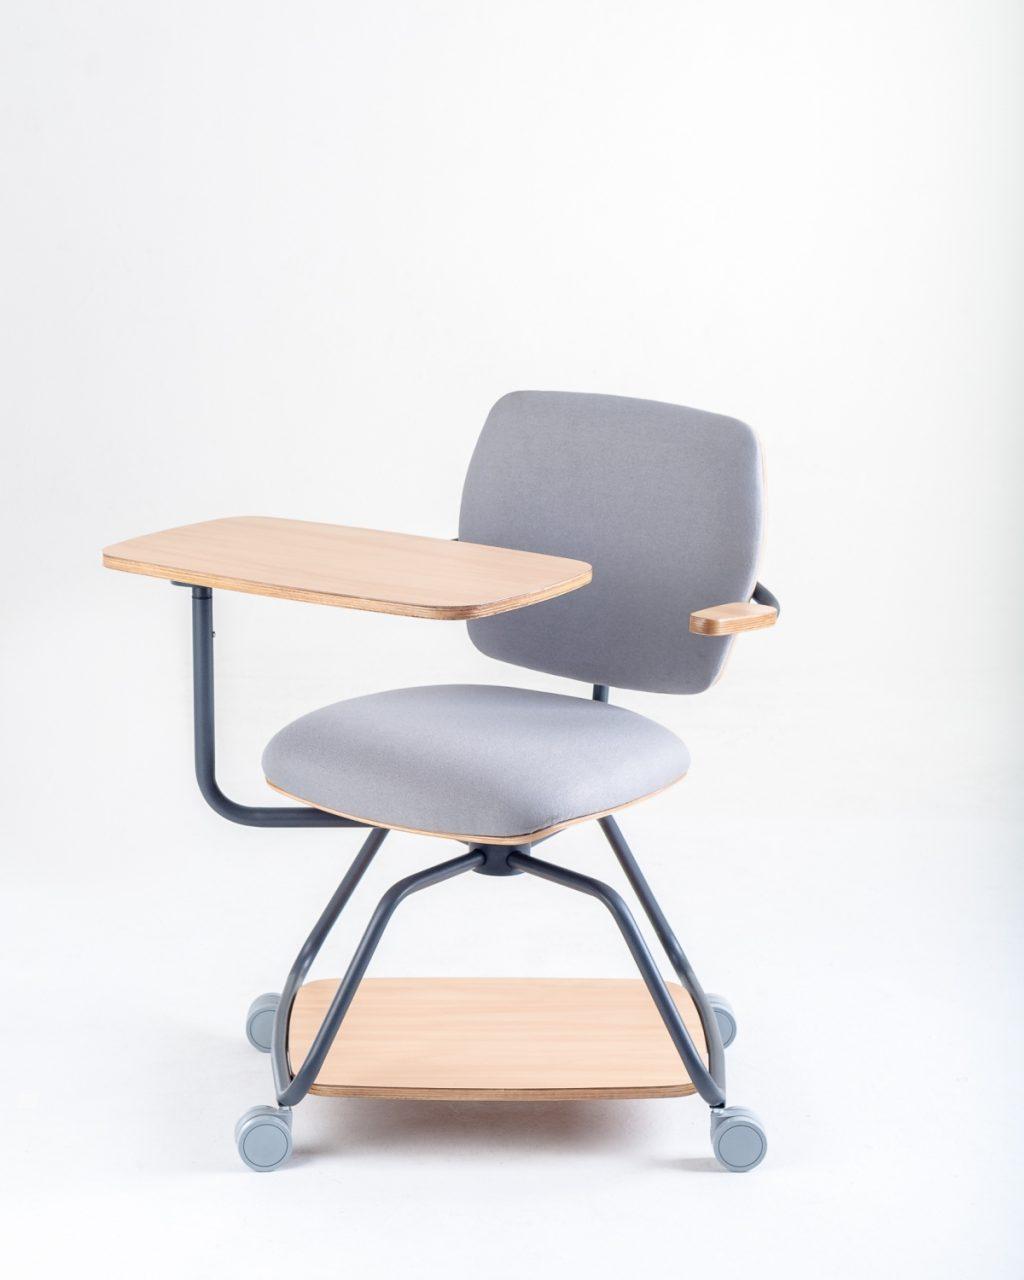 Η καρέκλα Maqmoveis Jatai